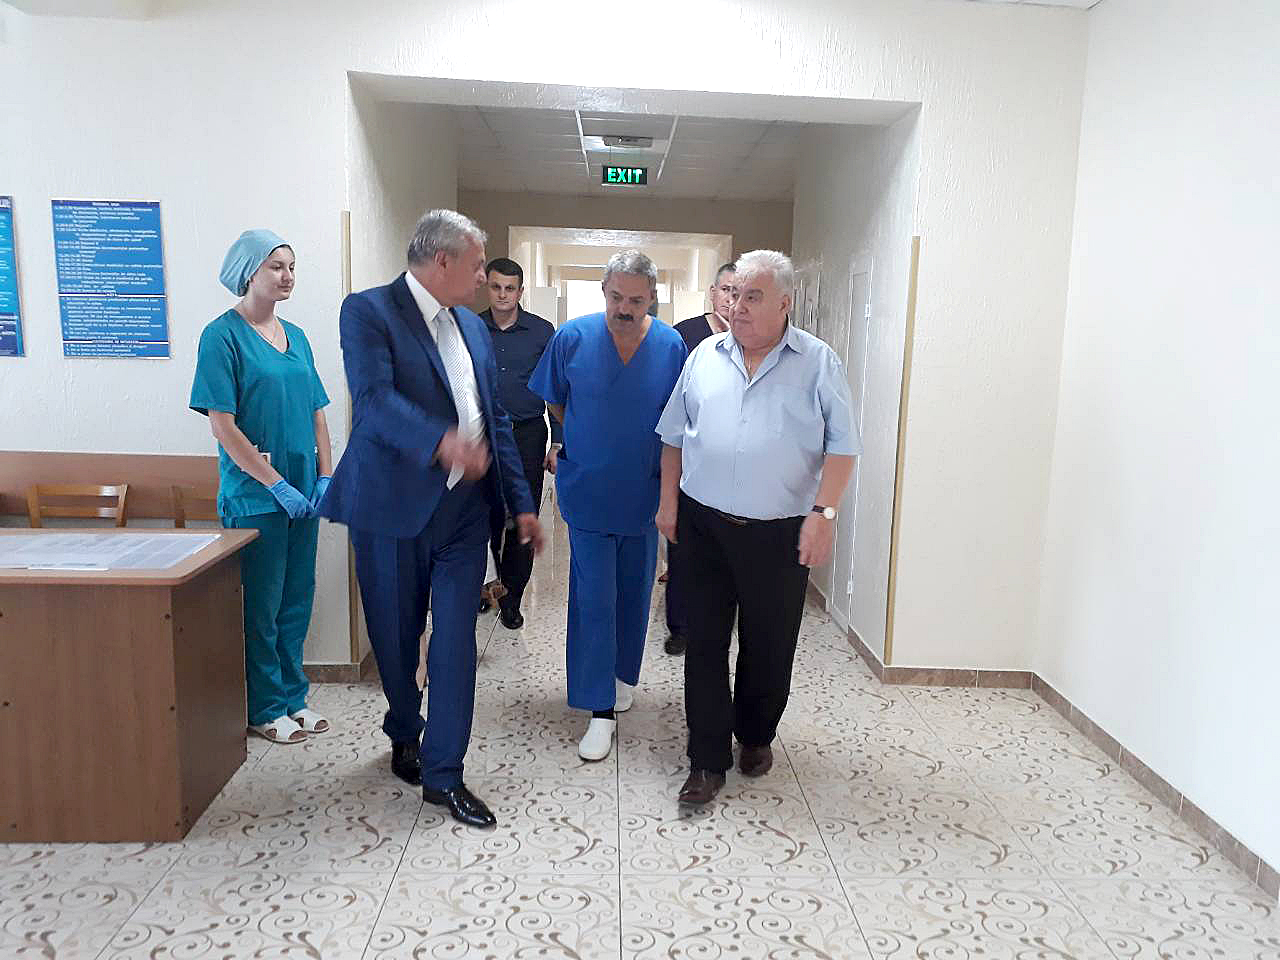 """Spitalul Clinic Municipal """"Sf. Arhanghel Mihail"""", onorat de vizita managerului Spitalului Municipal de Urgență Moinești, România"""